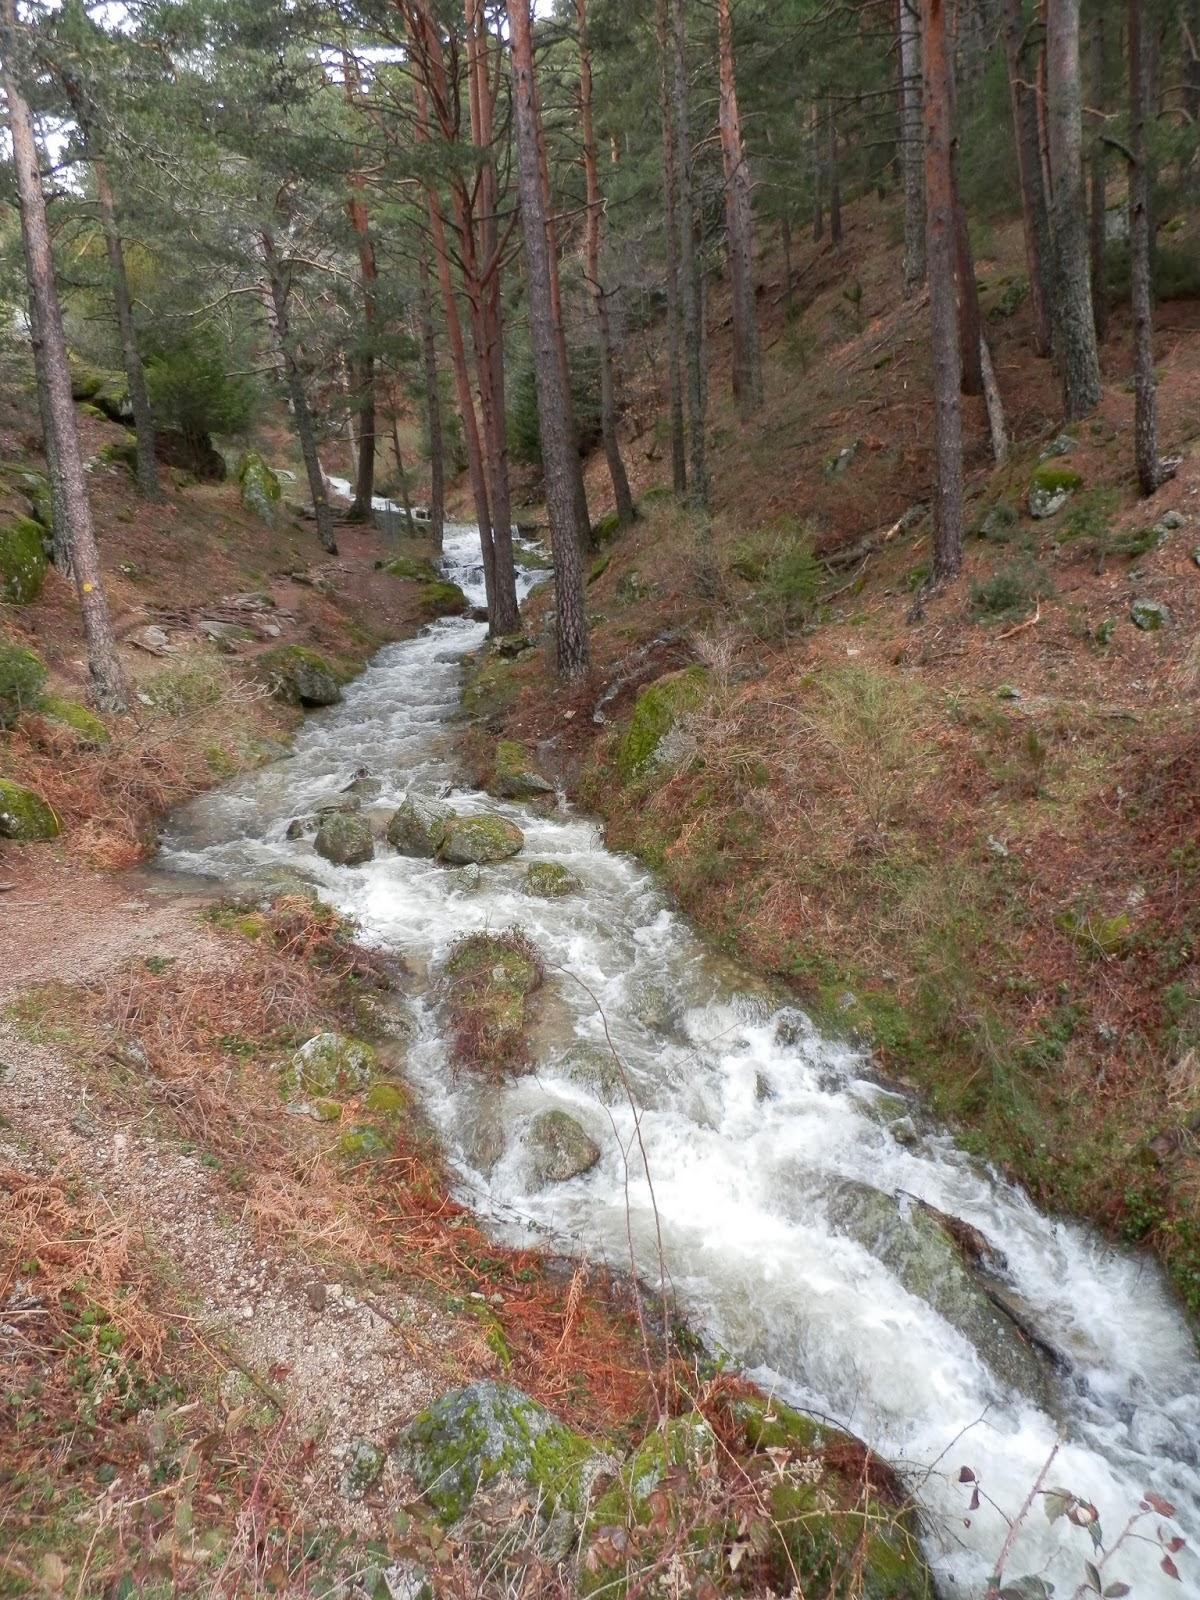 paisaje-de-un-río-entre-pinos-en-la-Sierra-de-Guadarrama